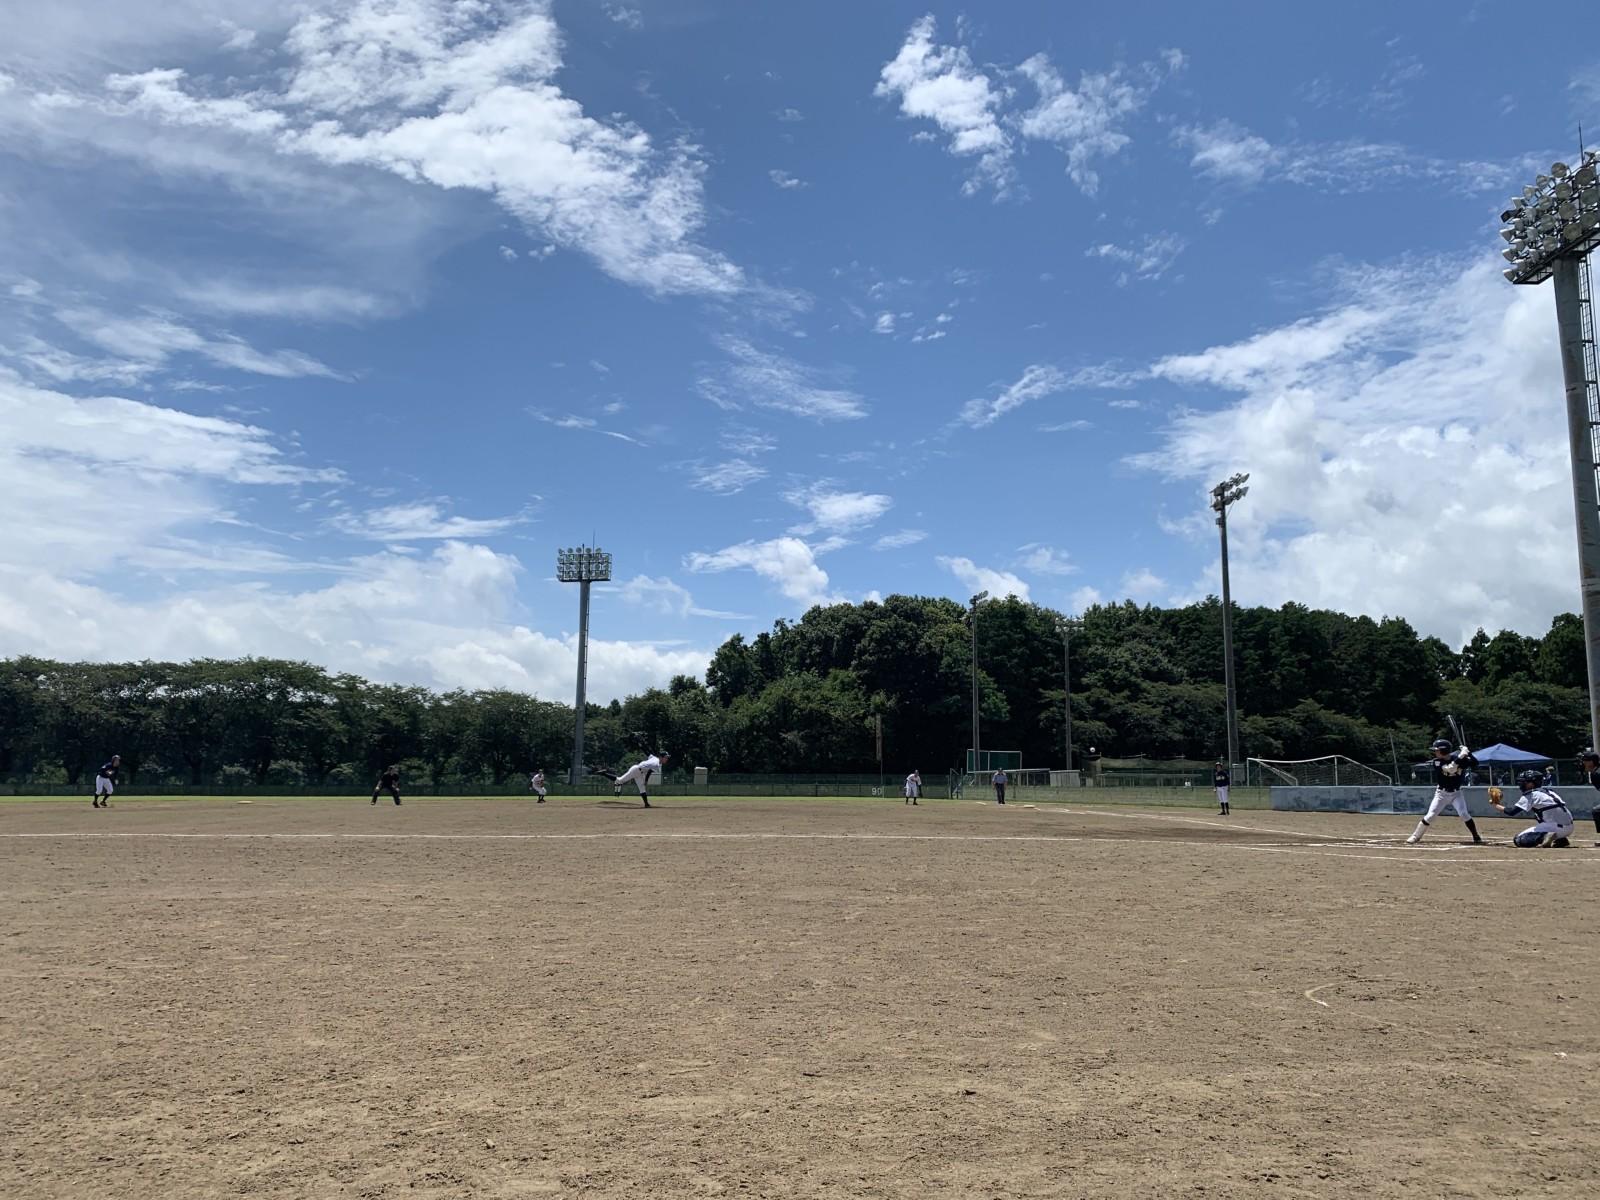 2019.07.27 シーケルベースボールクラシック2019 1回戦 水戸青藍舎ヤング野球倶楽部戦